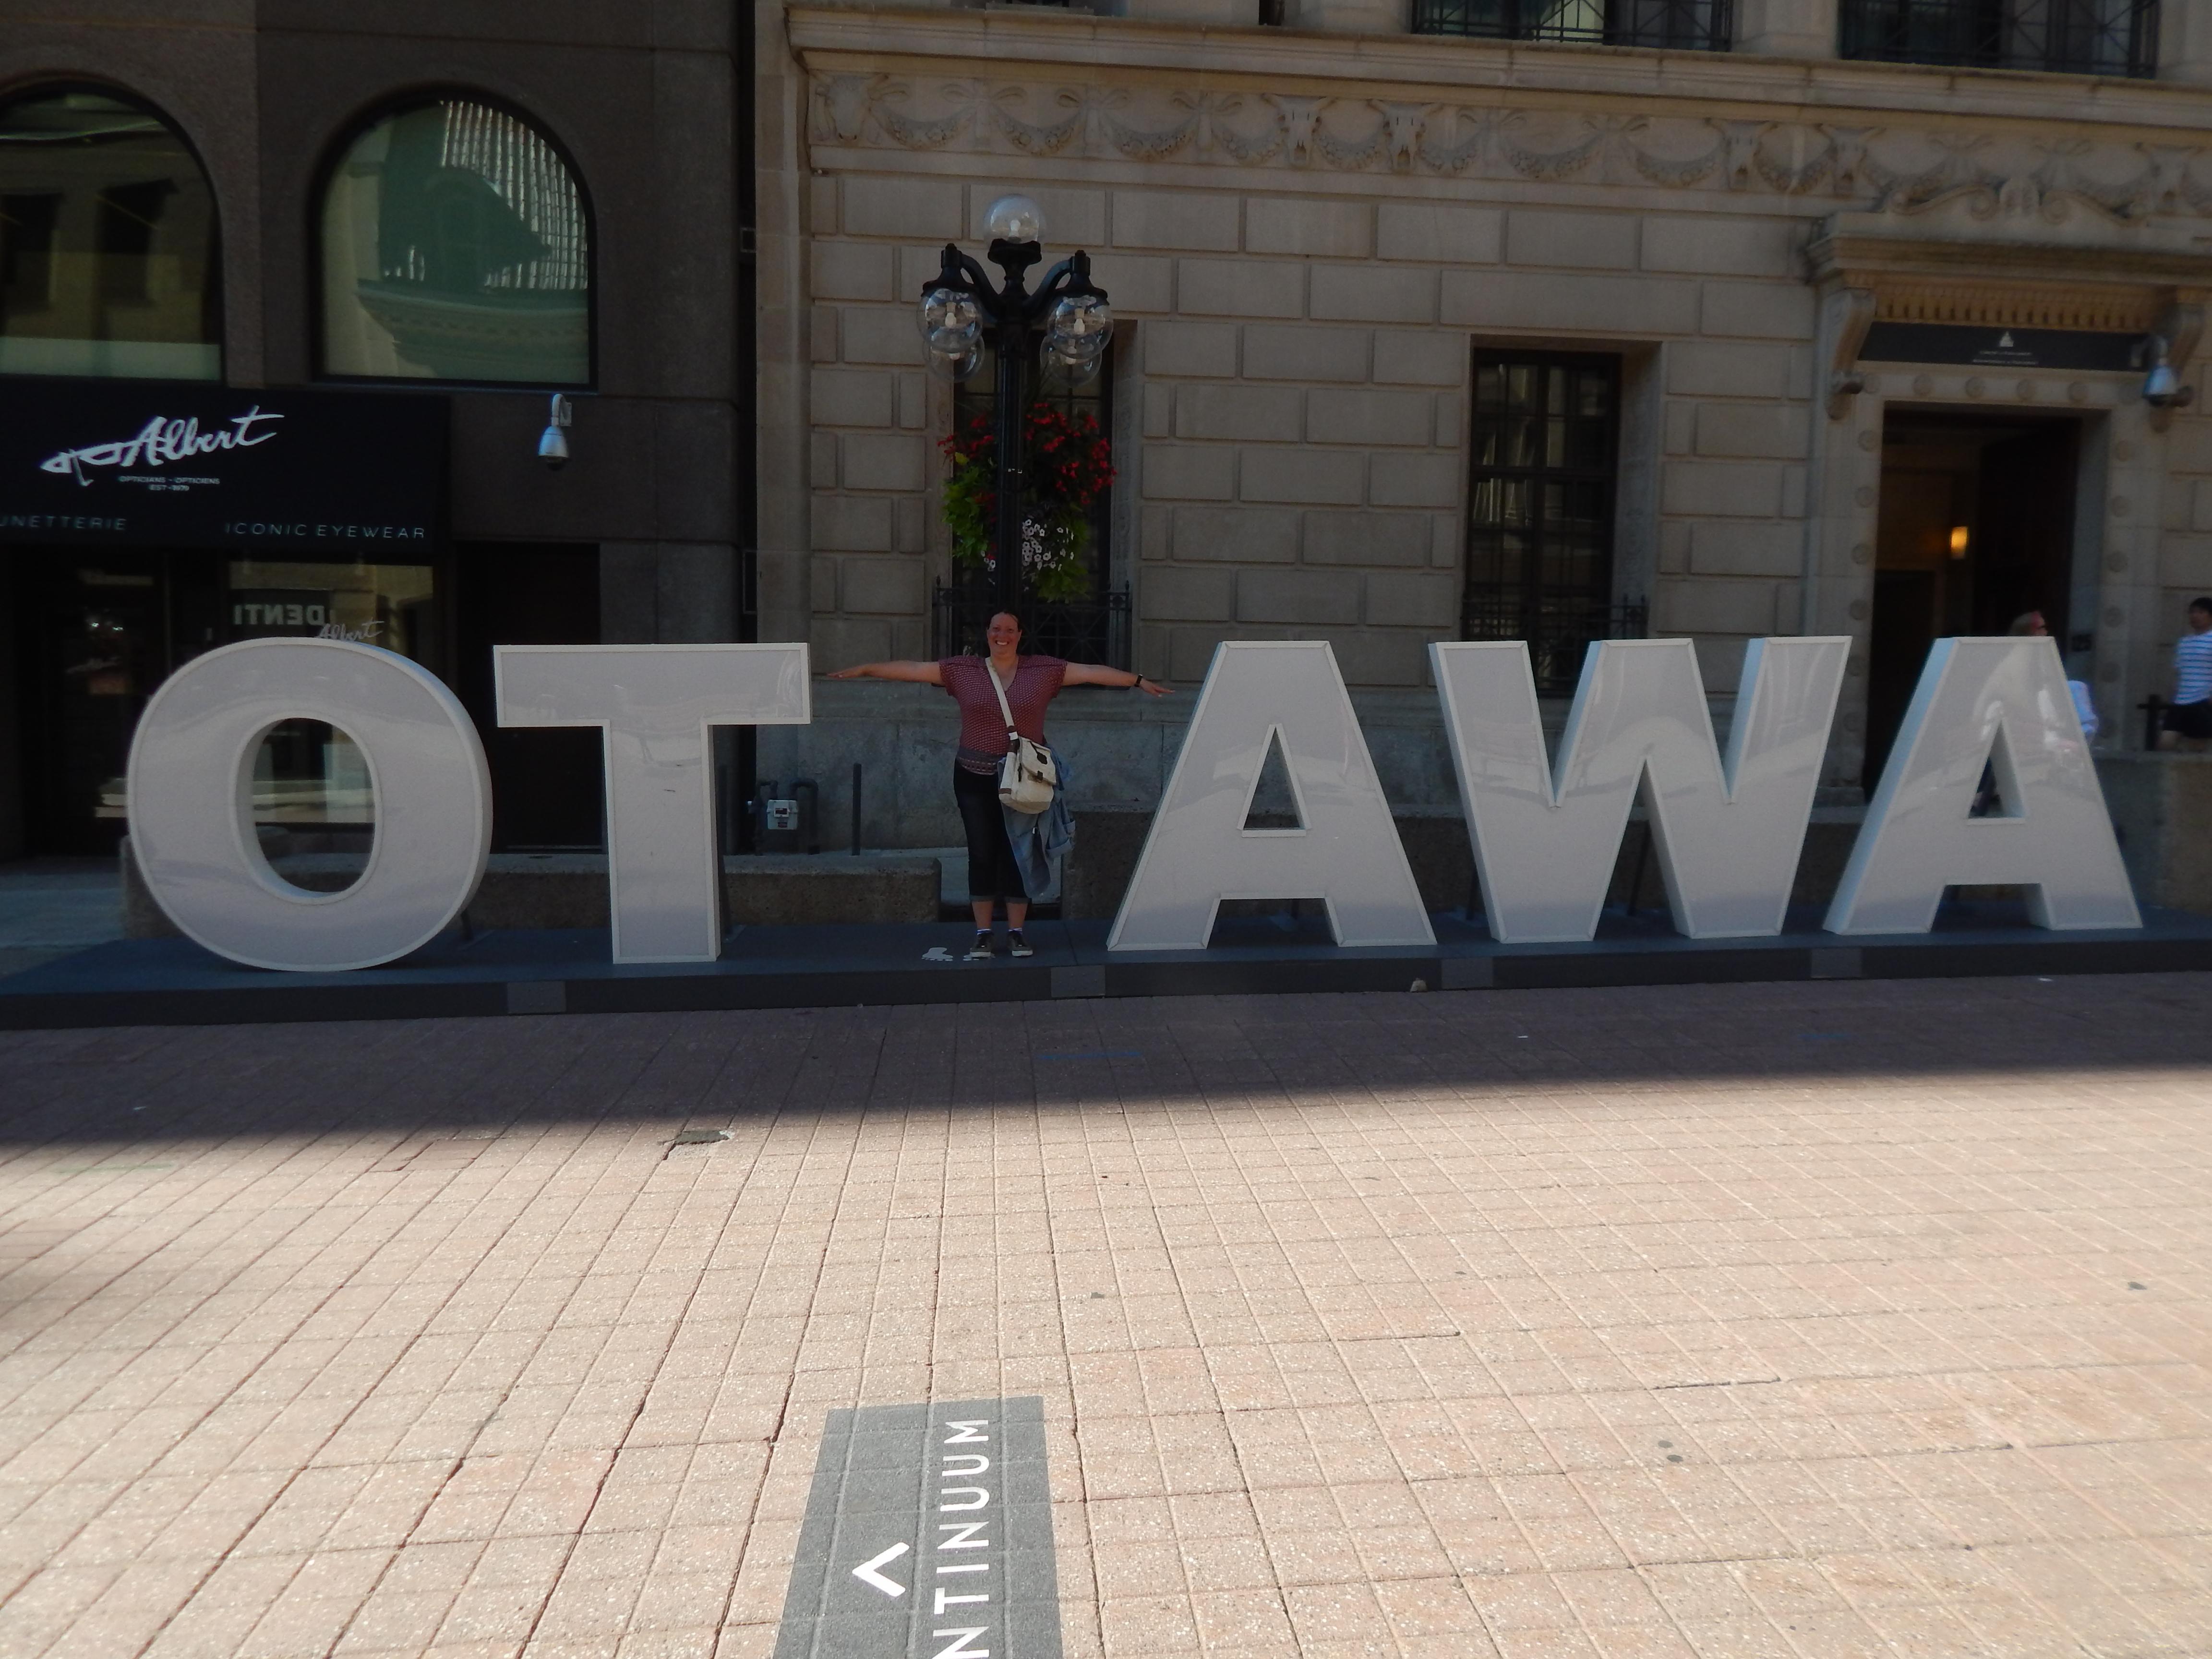 Ottawa, Ottawouah !